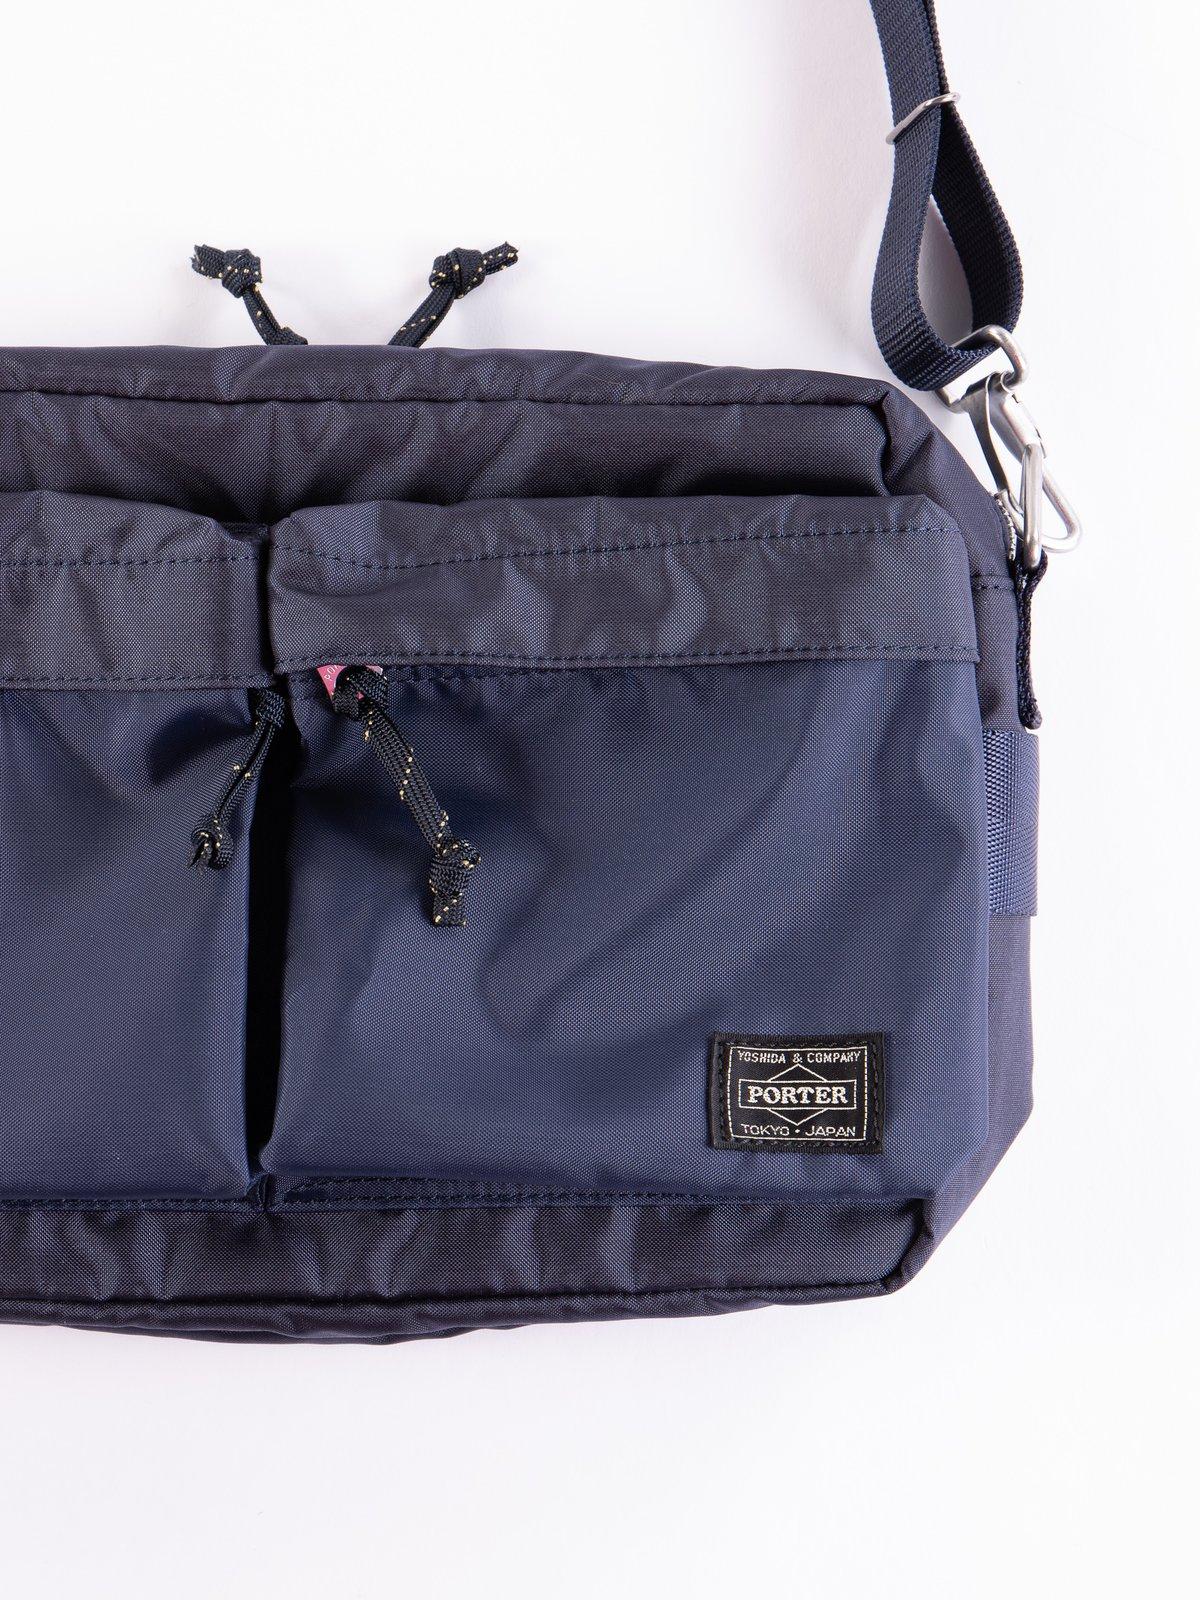 Navy Force Small Shoulder Bag - Image 2